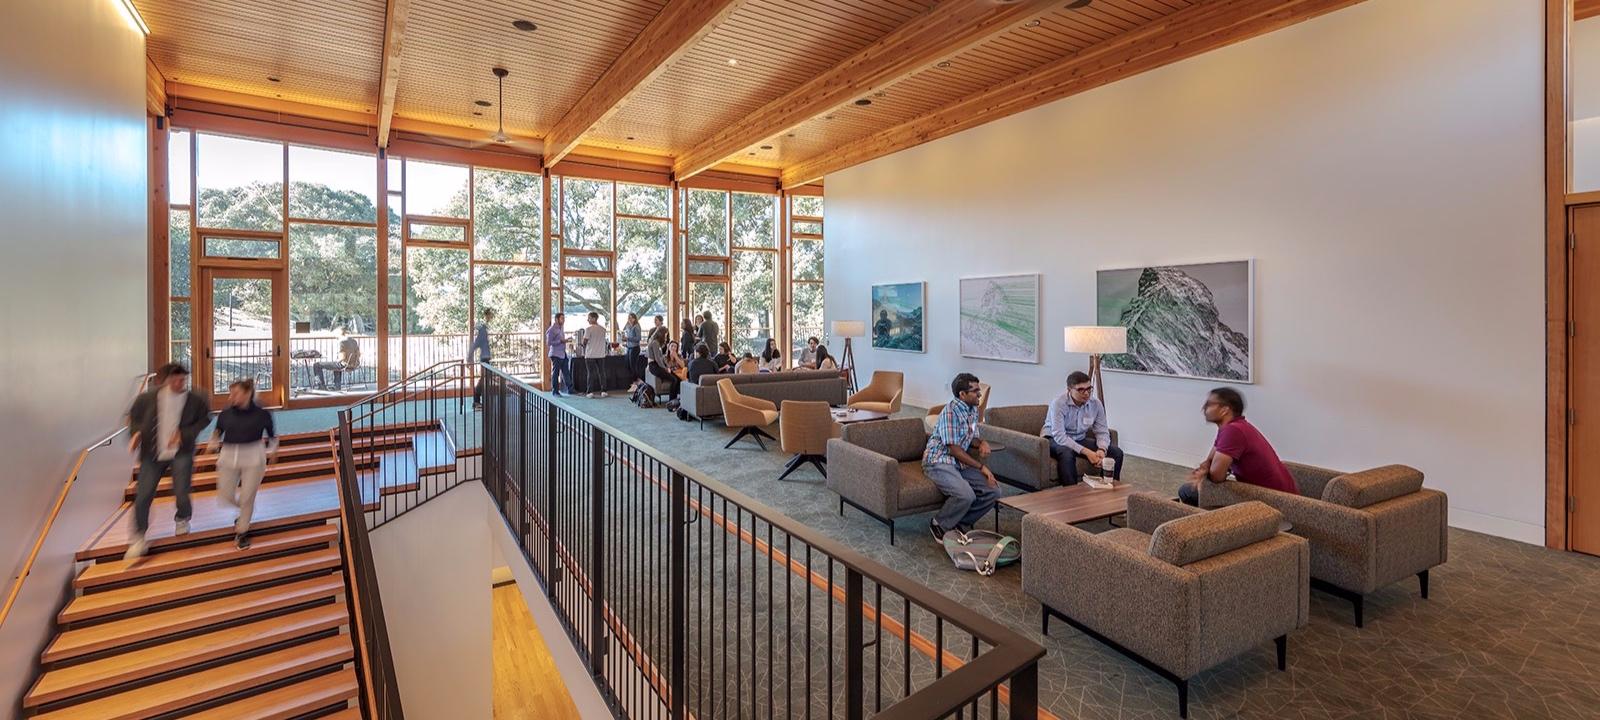 Design - Furnishings, Space Planning, & Interior Design